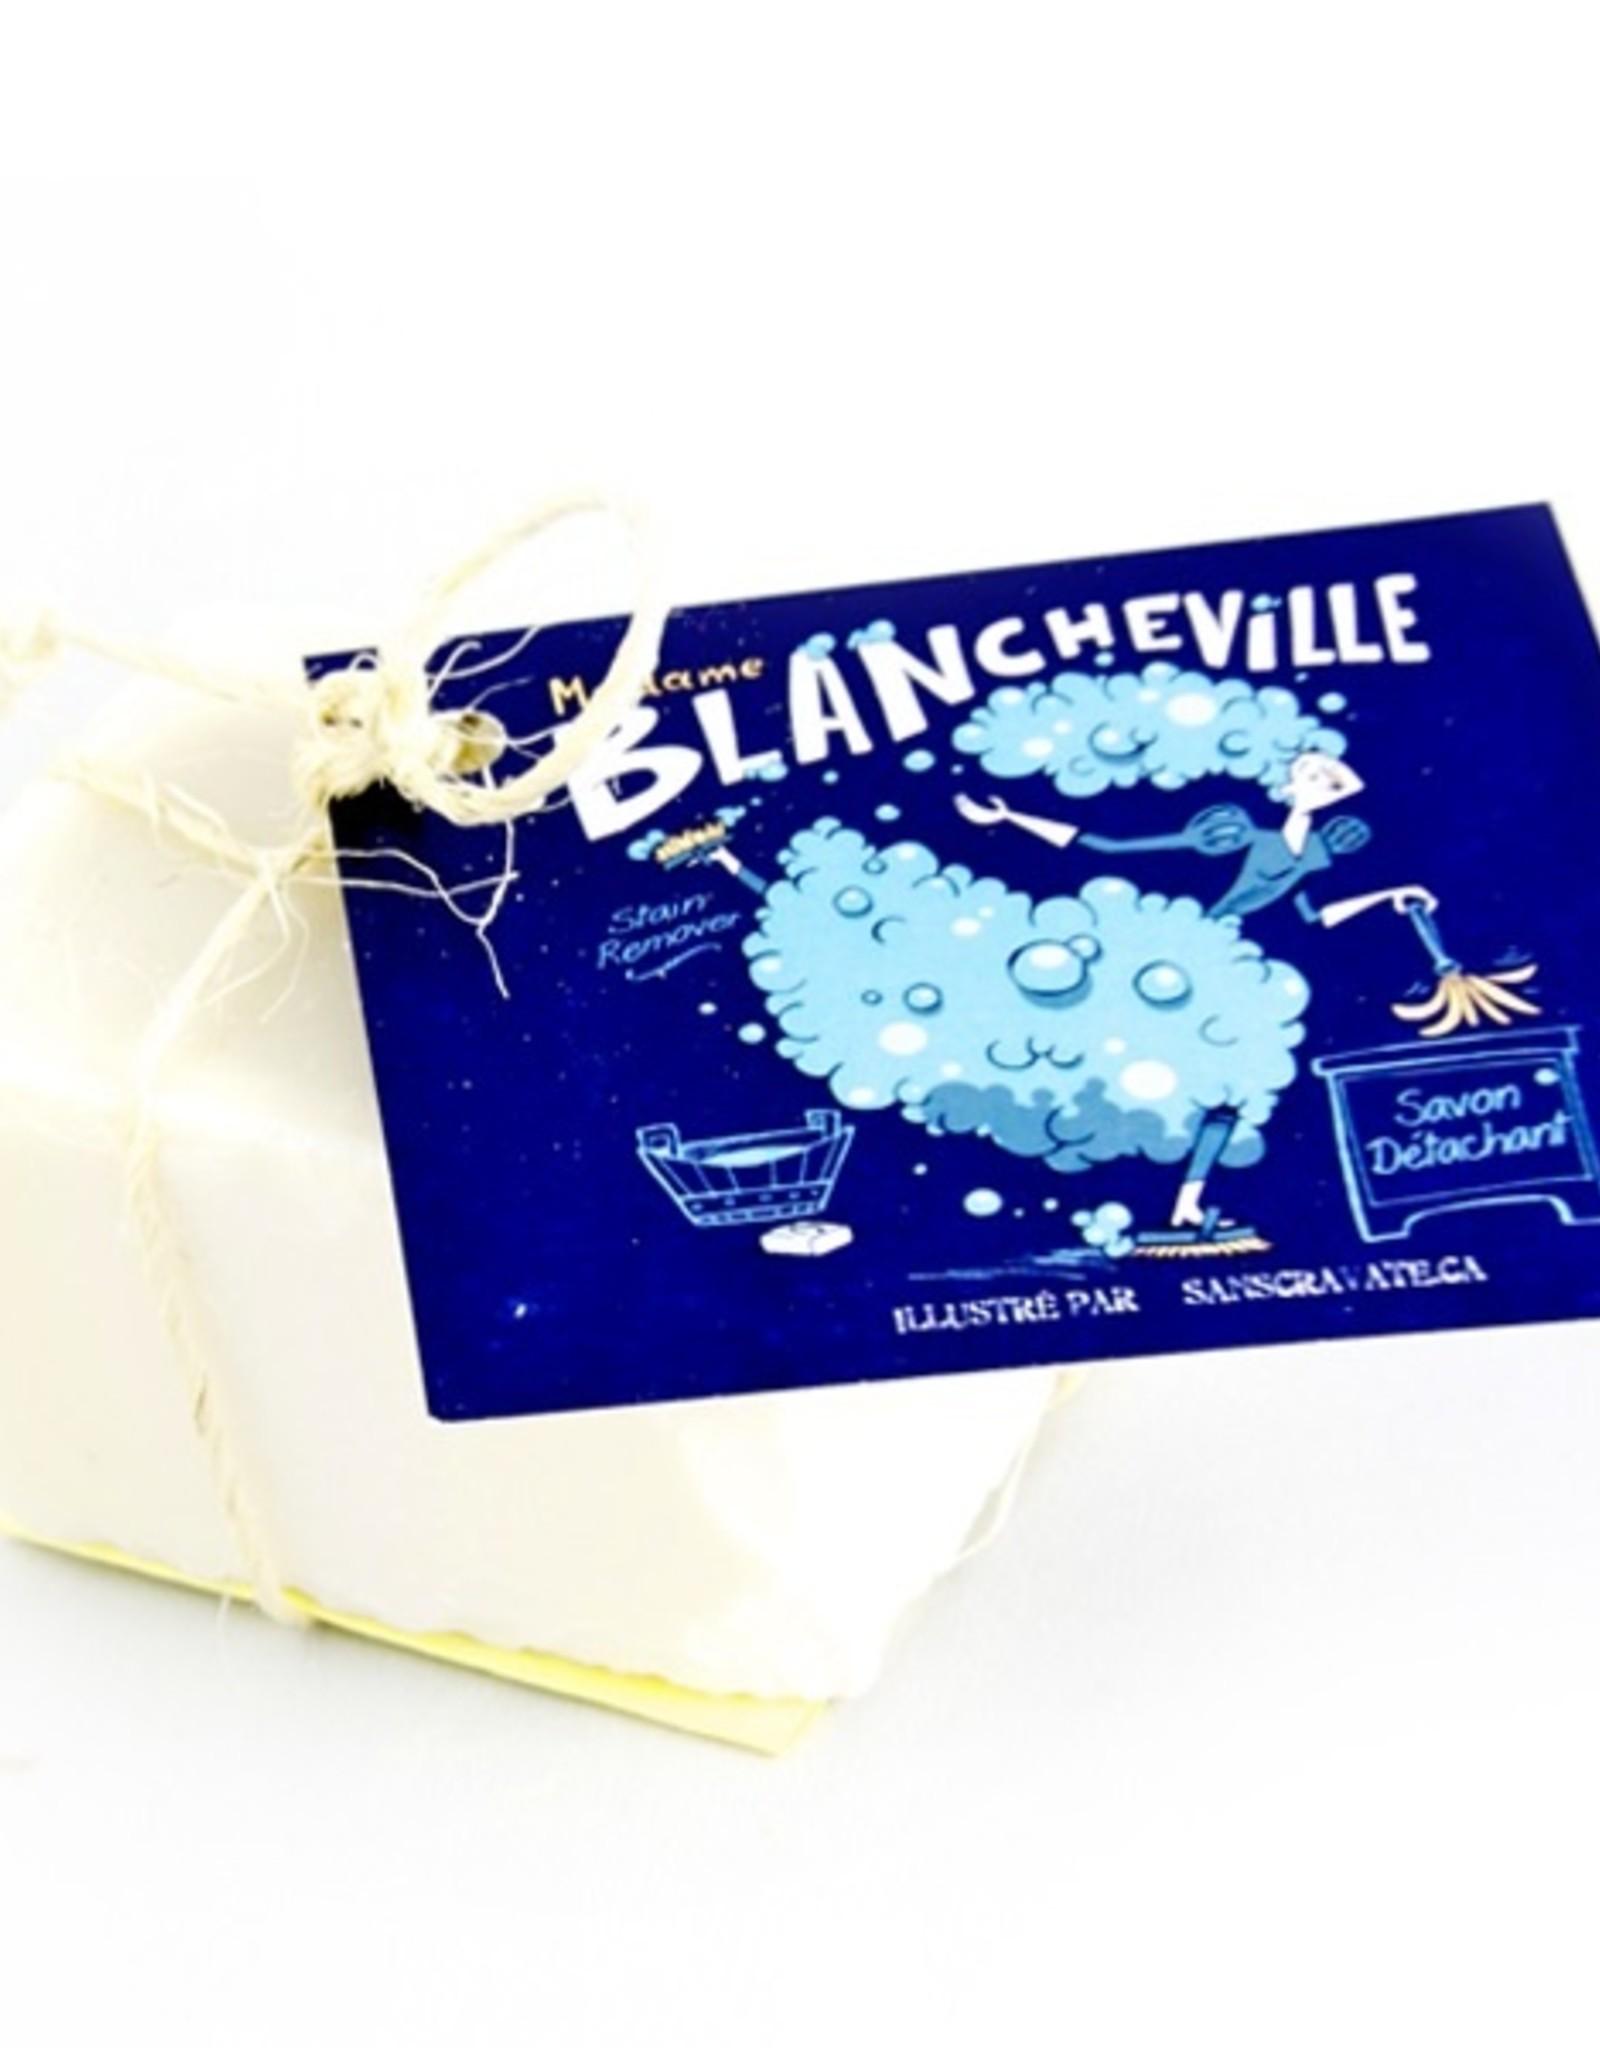 La savonnerie des diligences Savon - Madame Blancheville